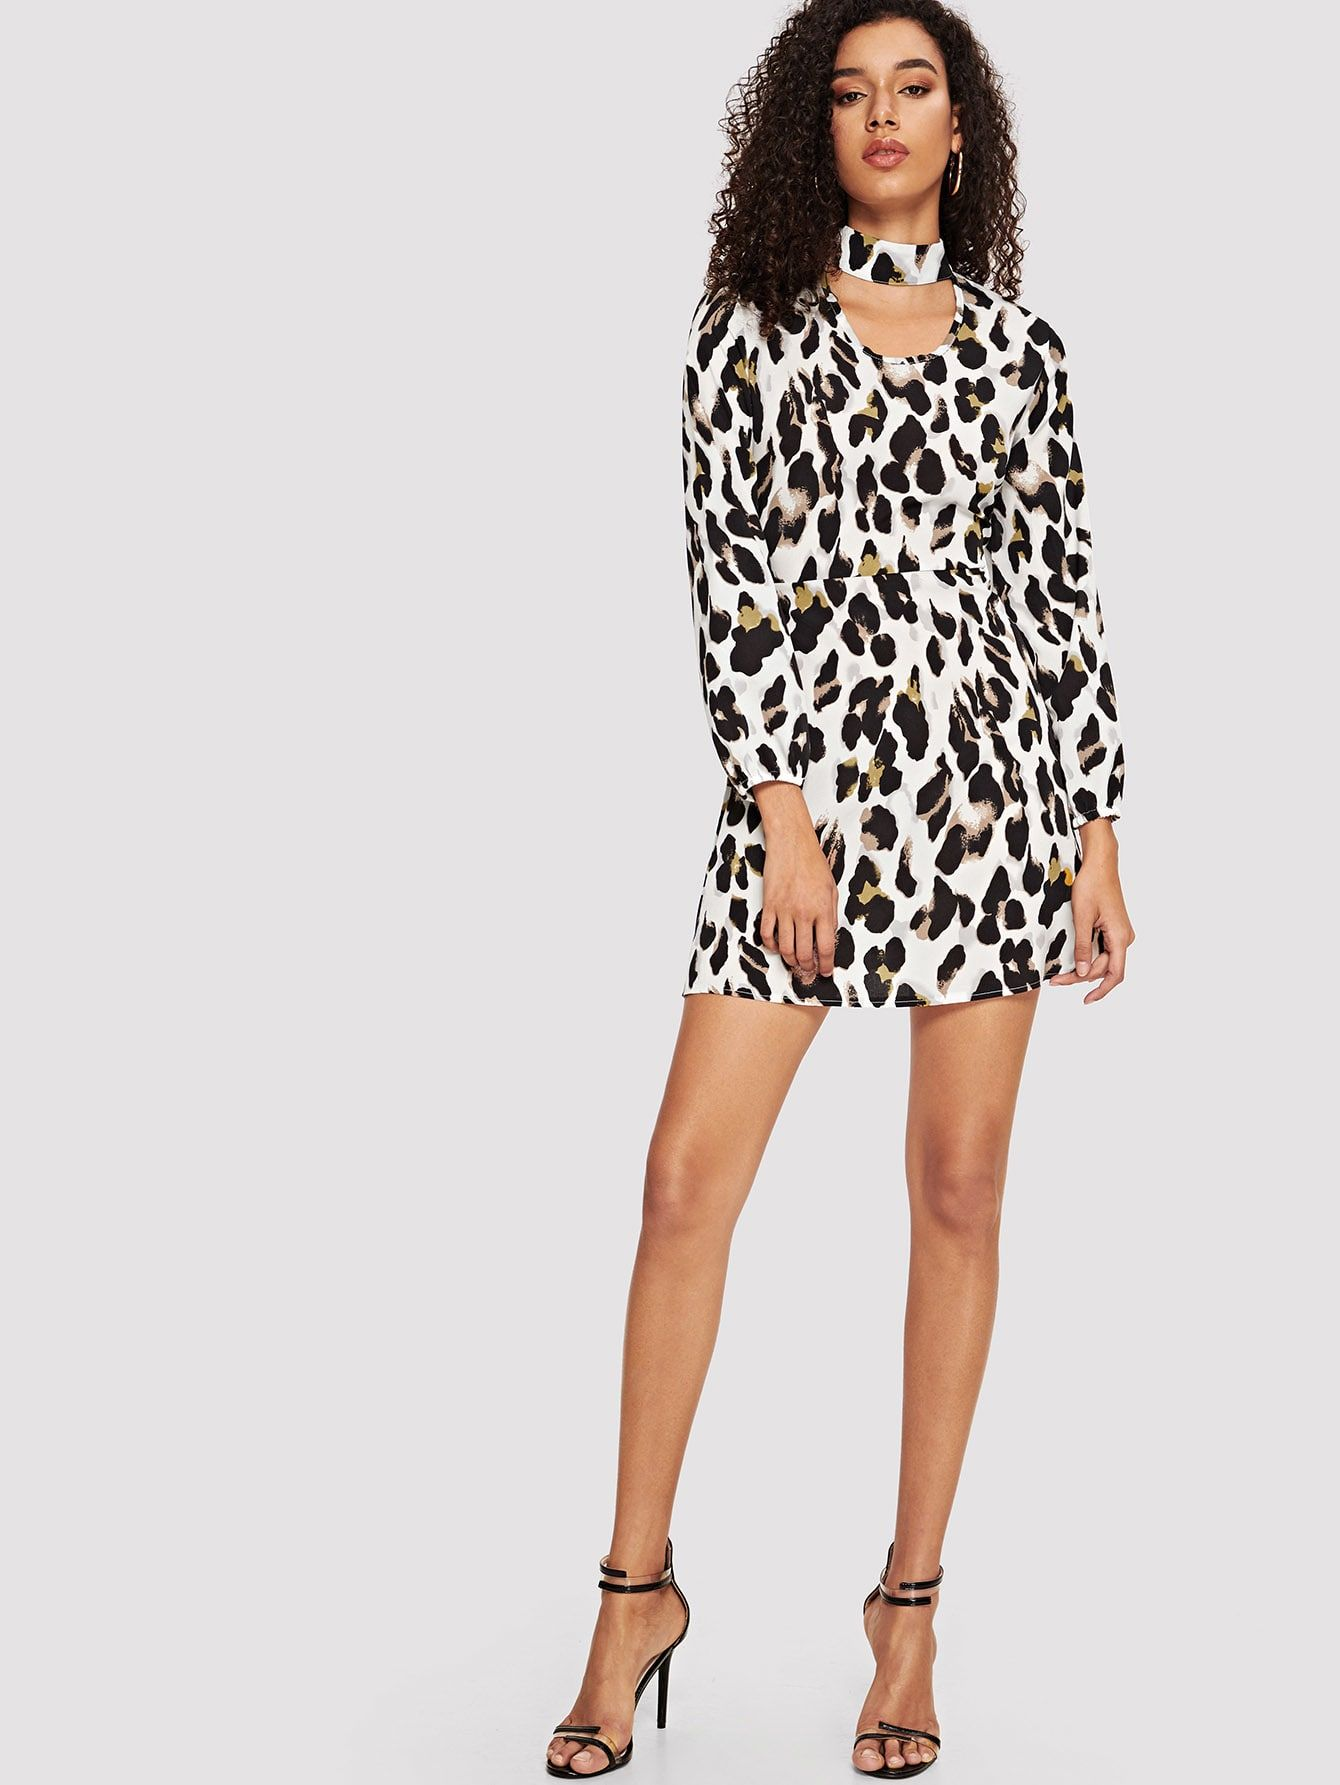 8593c62b1d Party Shirt Cut Out Leopard Shift V Neck Long Sleeve High Waist White Short  Length Leopard Print Choker Neck Dress